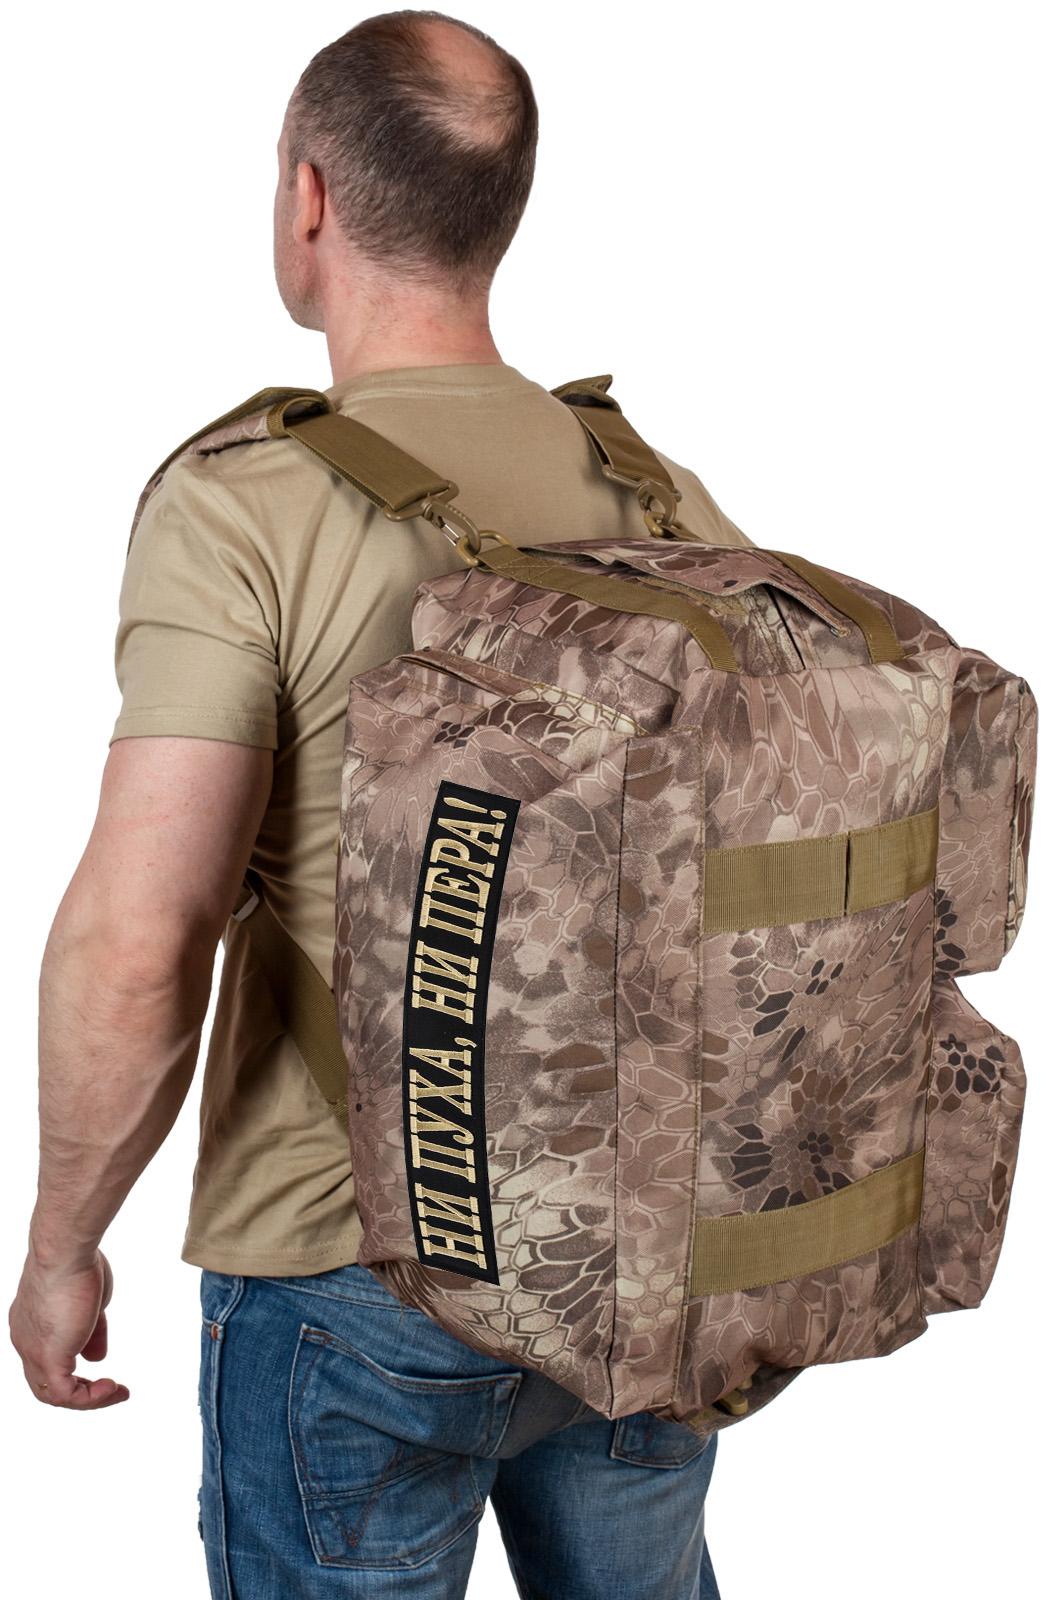 Купить мужскую дорожную сумку Ни пуха, Ни пера по выгодной цене